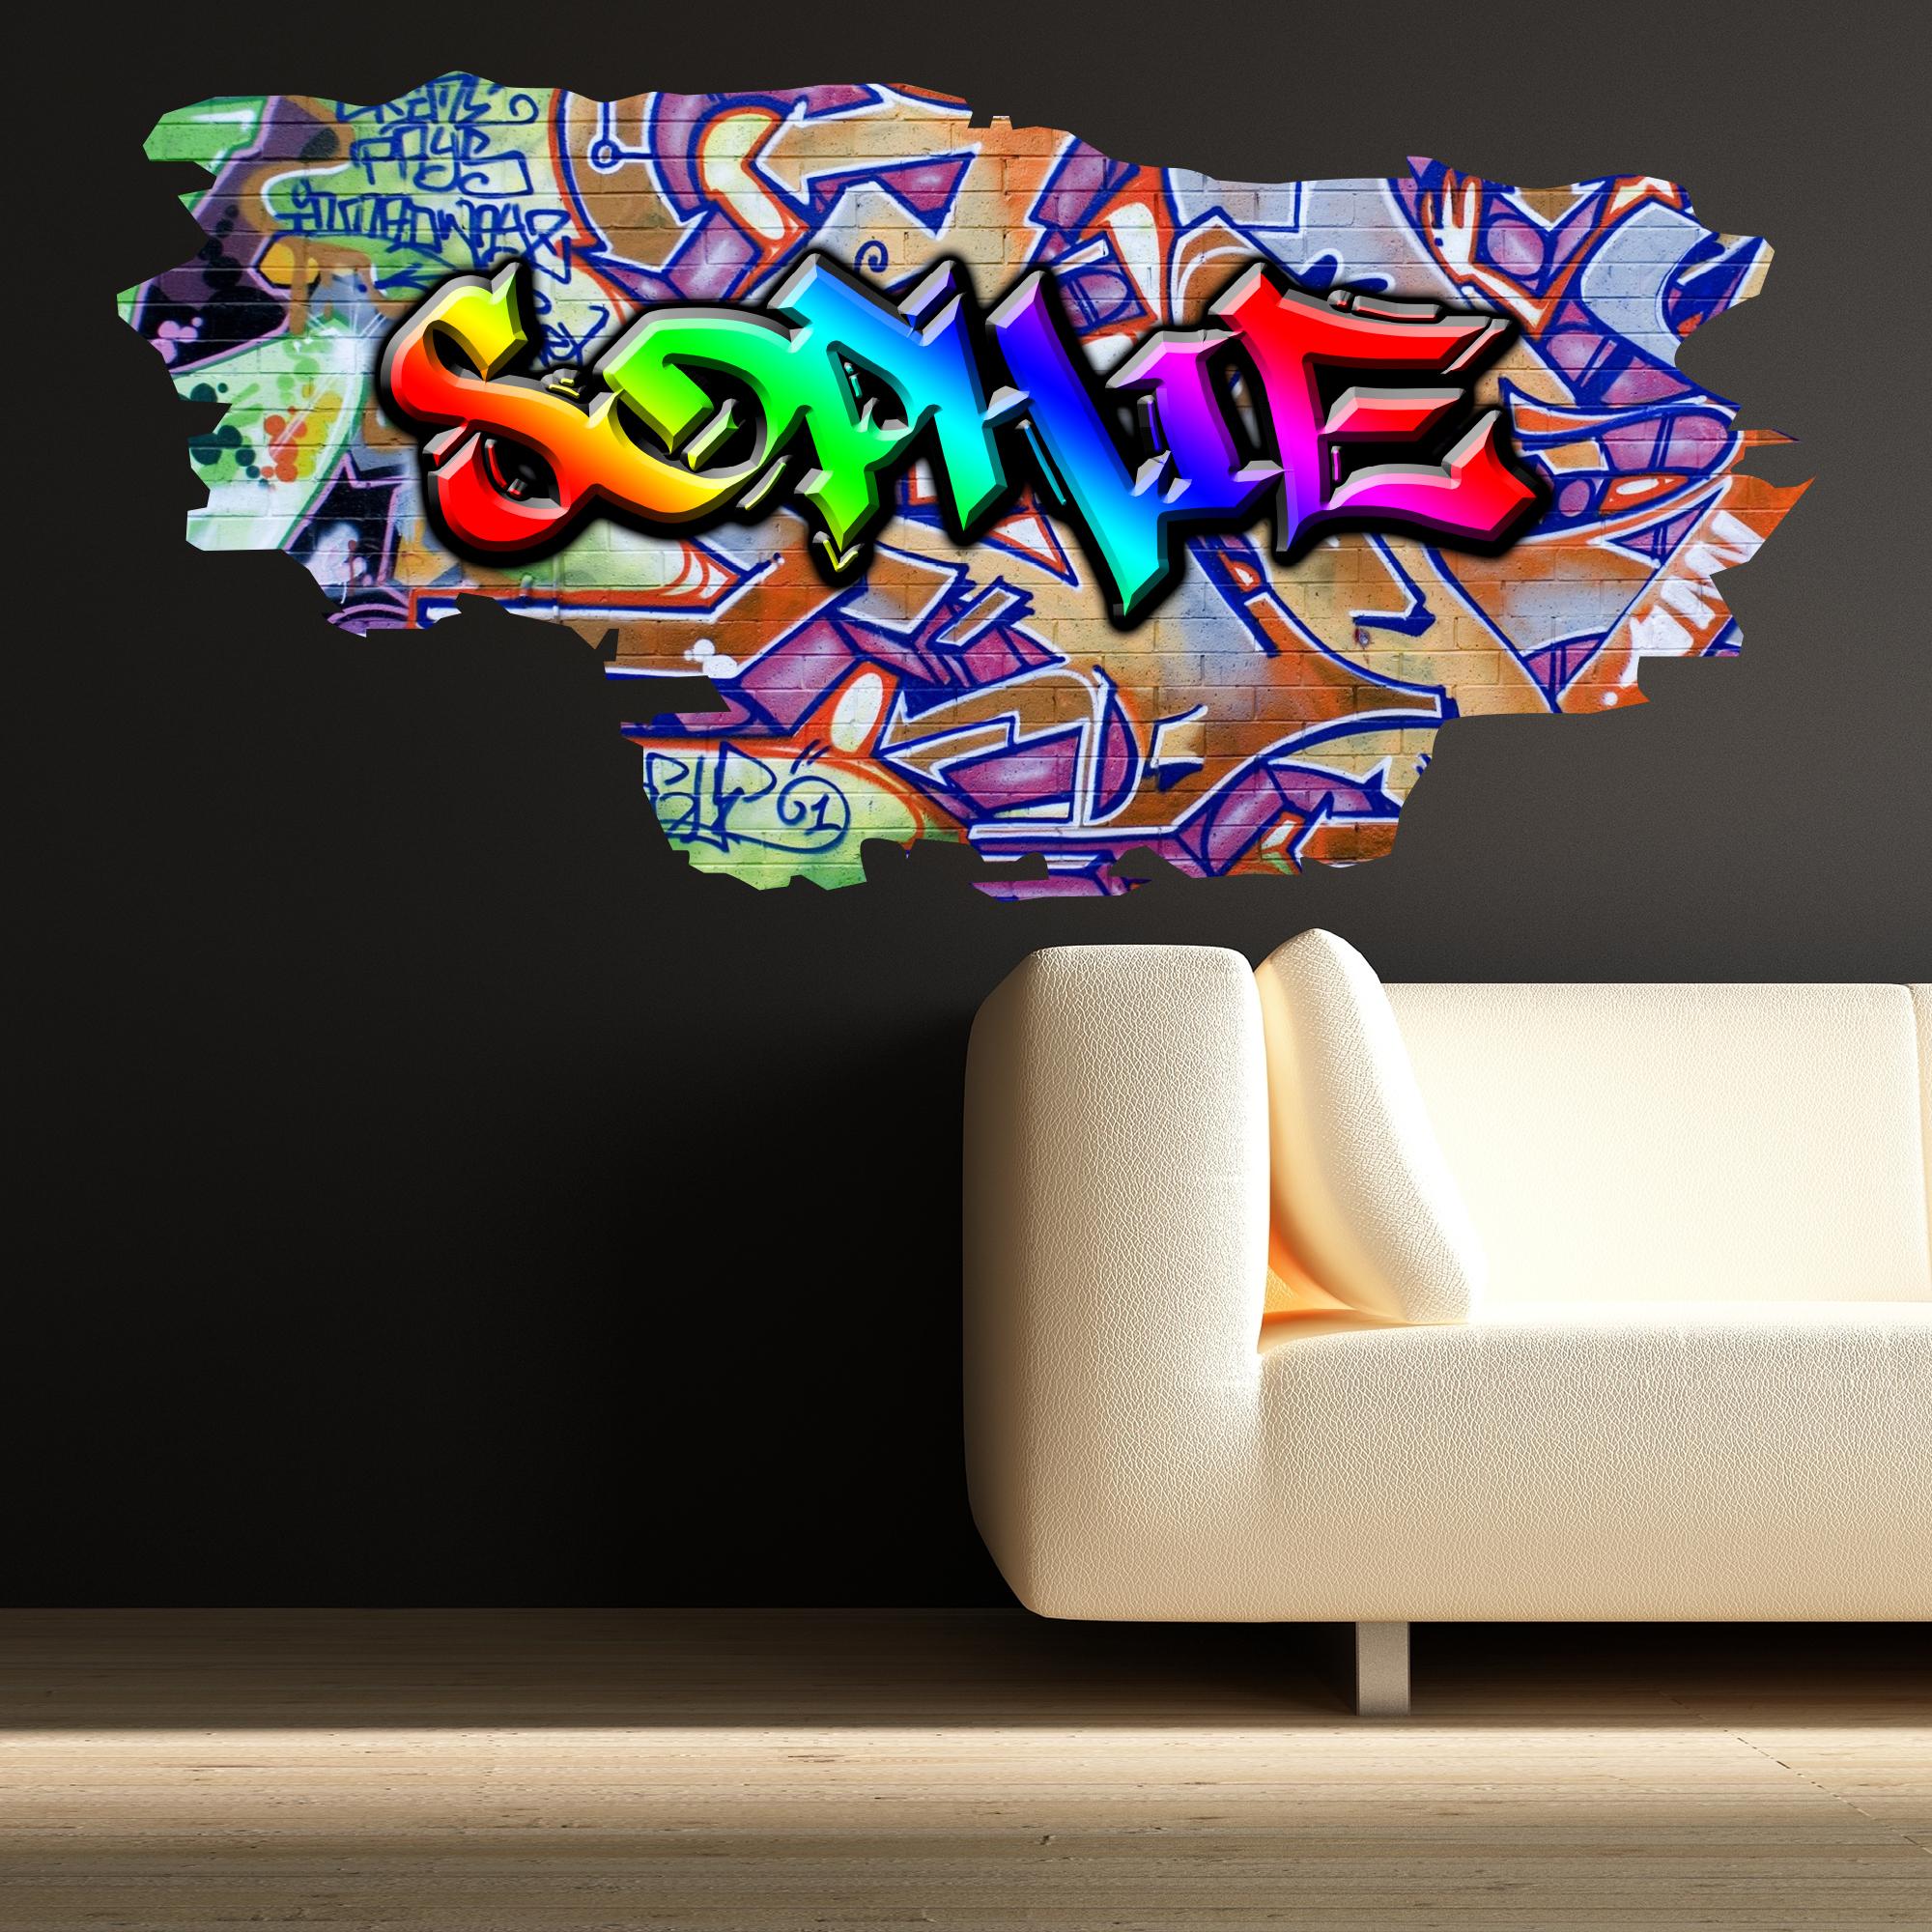 Grafitti wall sticker - Multi Colour Personalised Graffiti Name Brick Wall Sticker Decal Graphic Bedroom Ebay